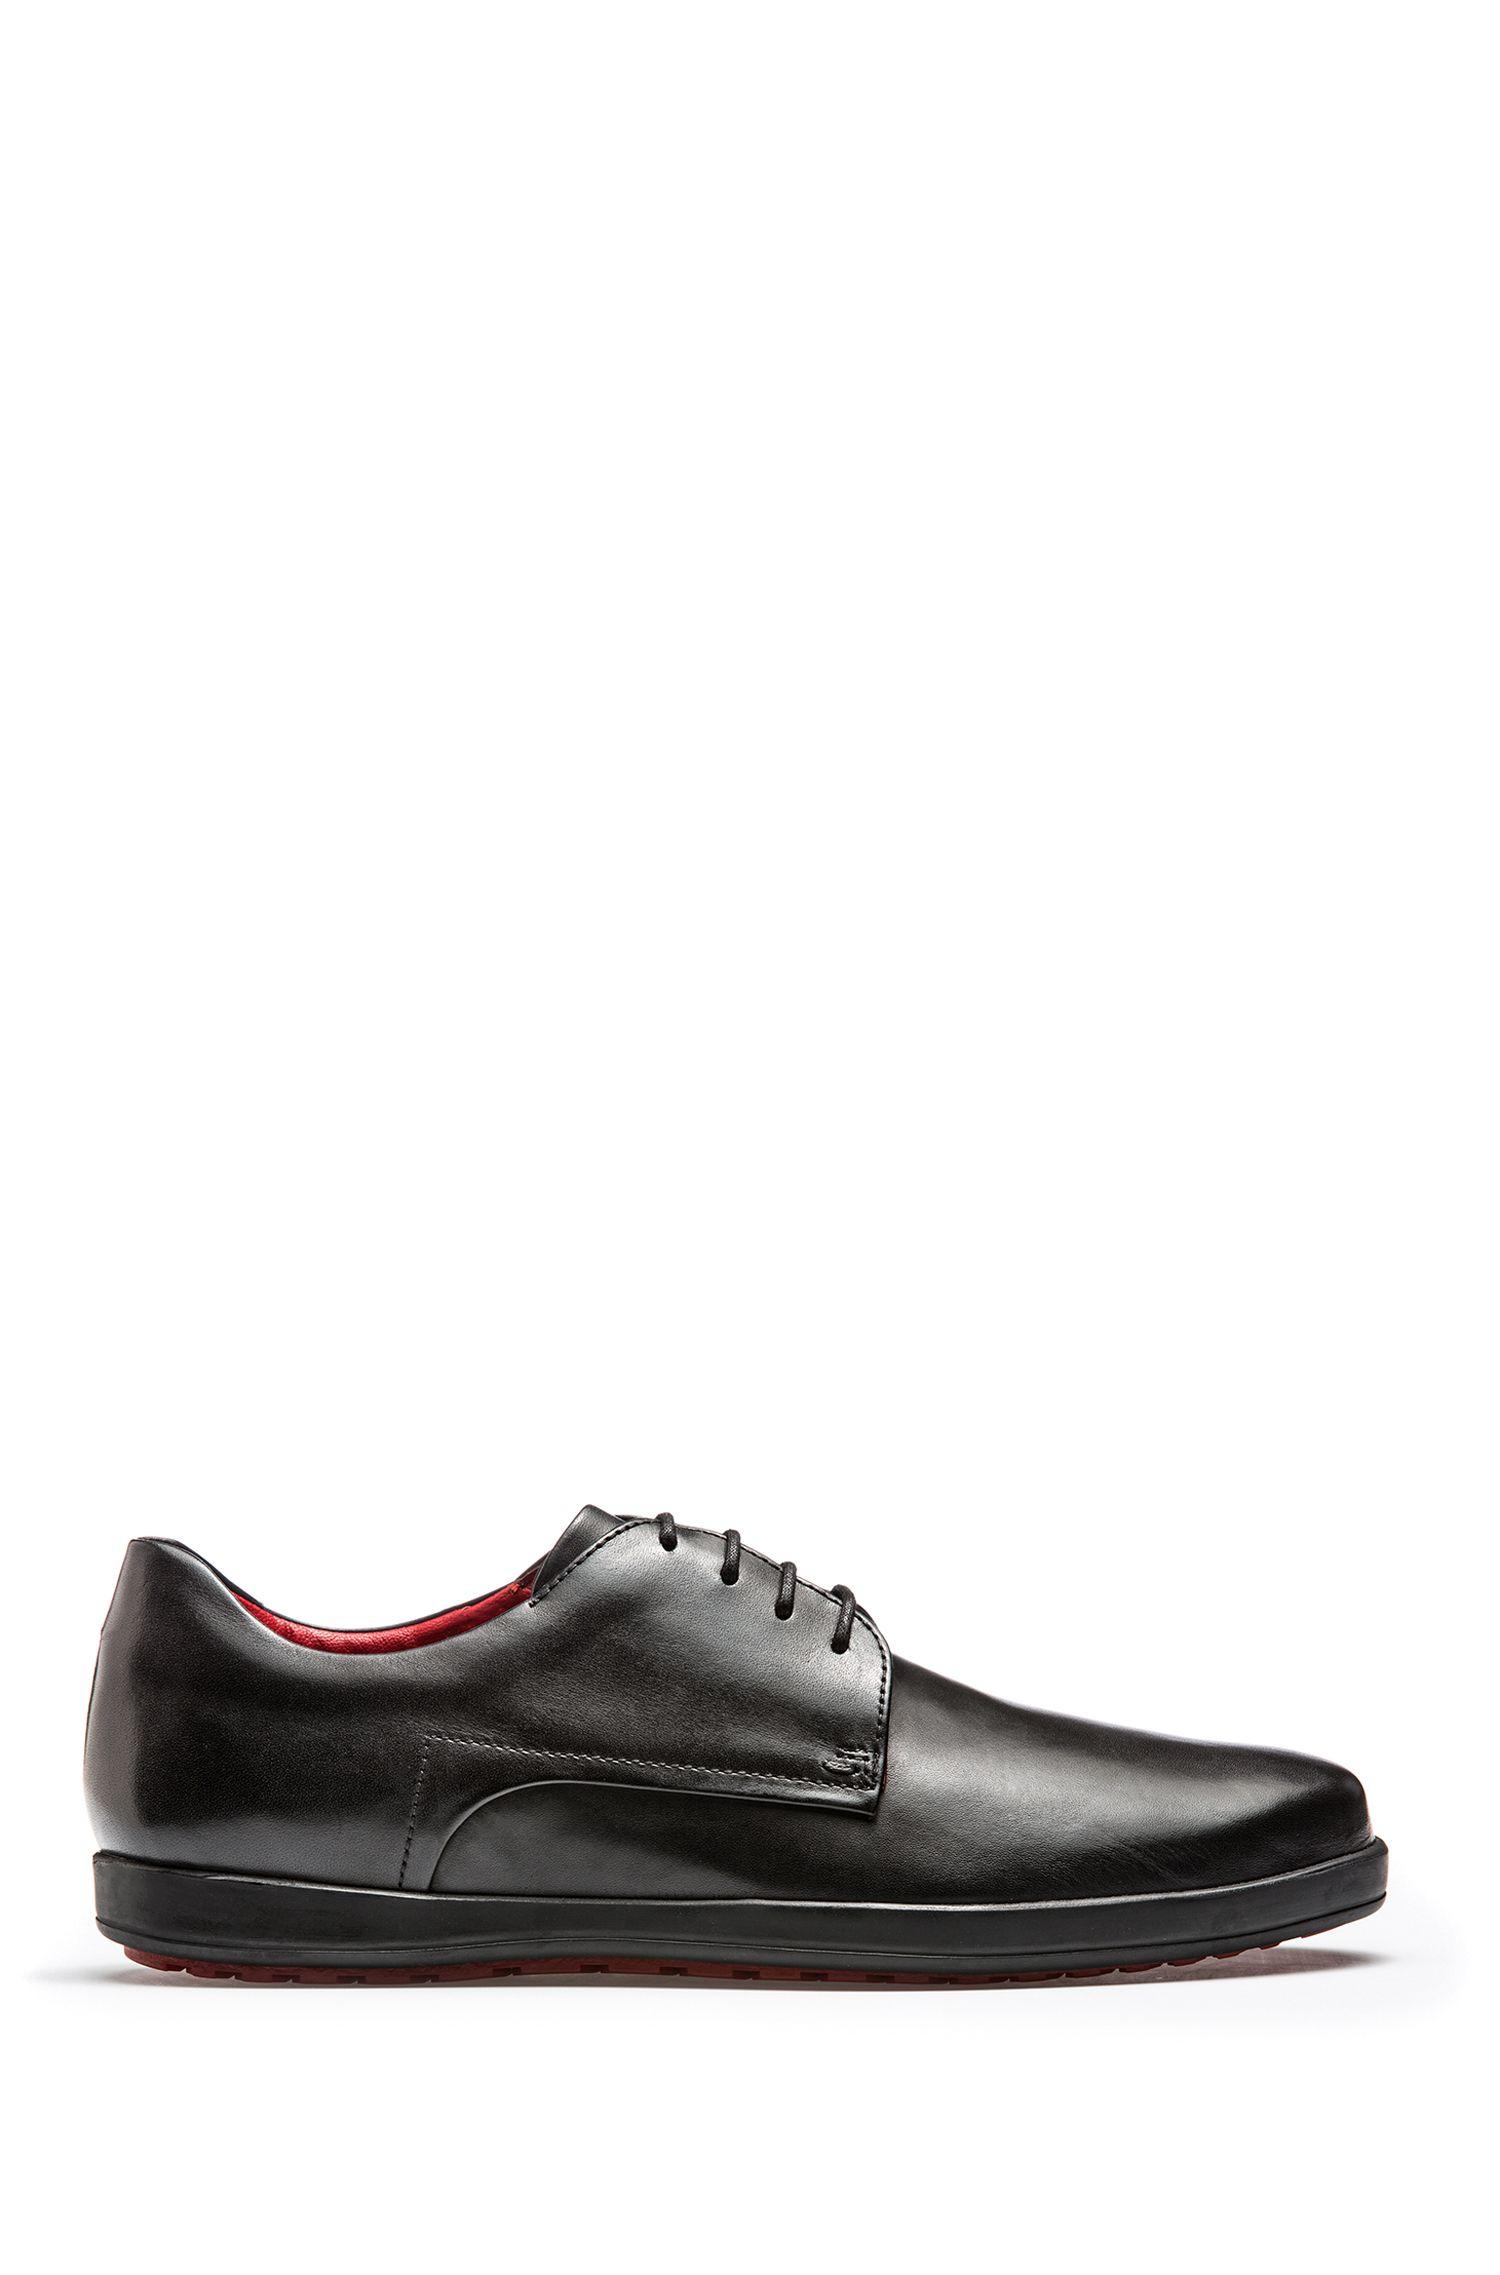 Zapatos Derby en piel de becerro con suela de goma